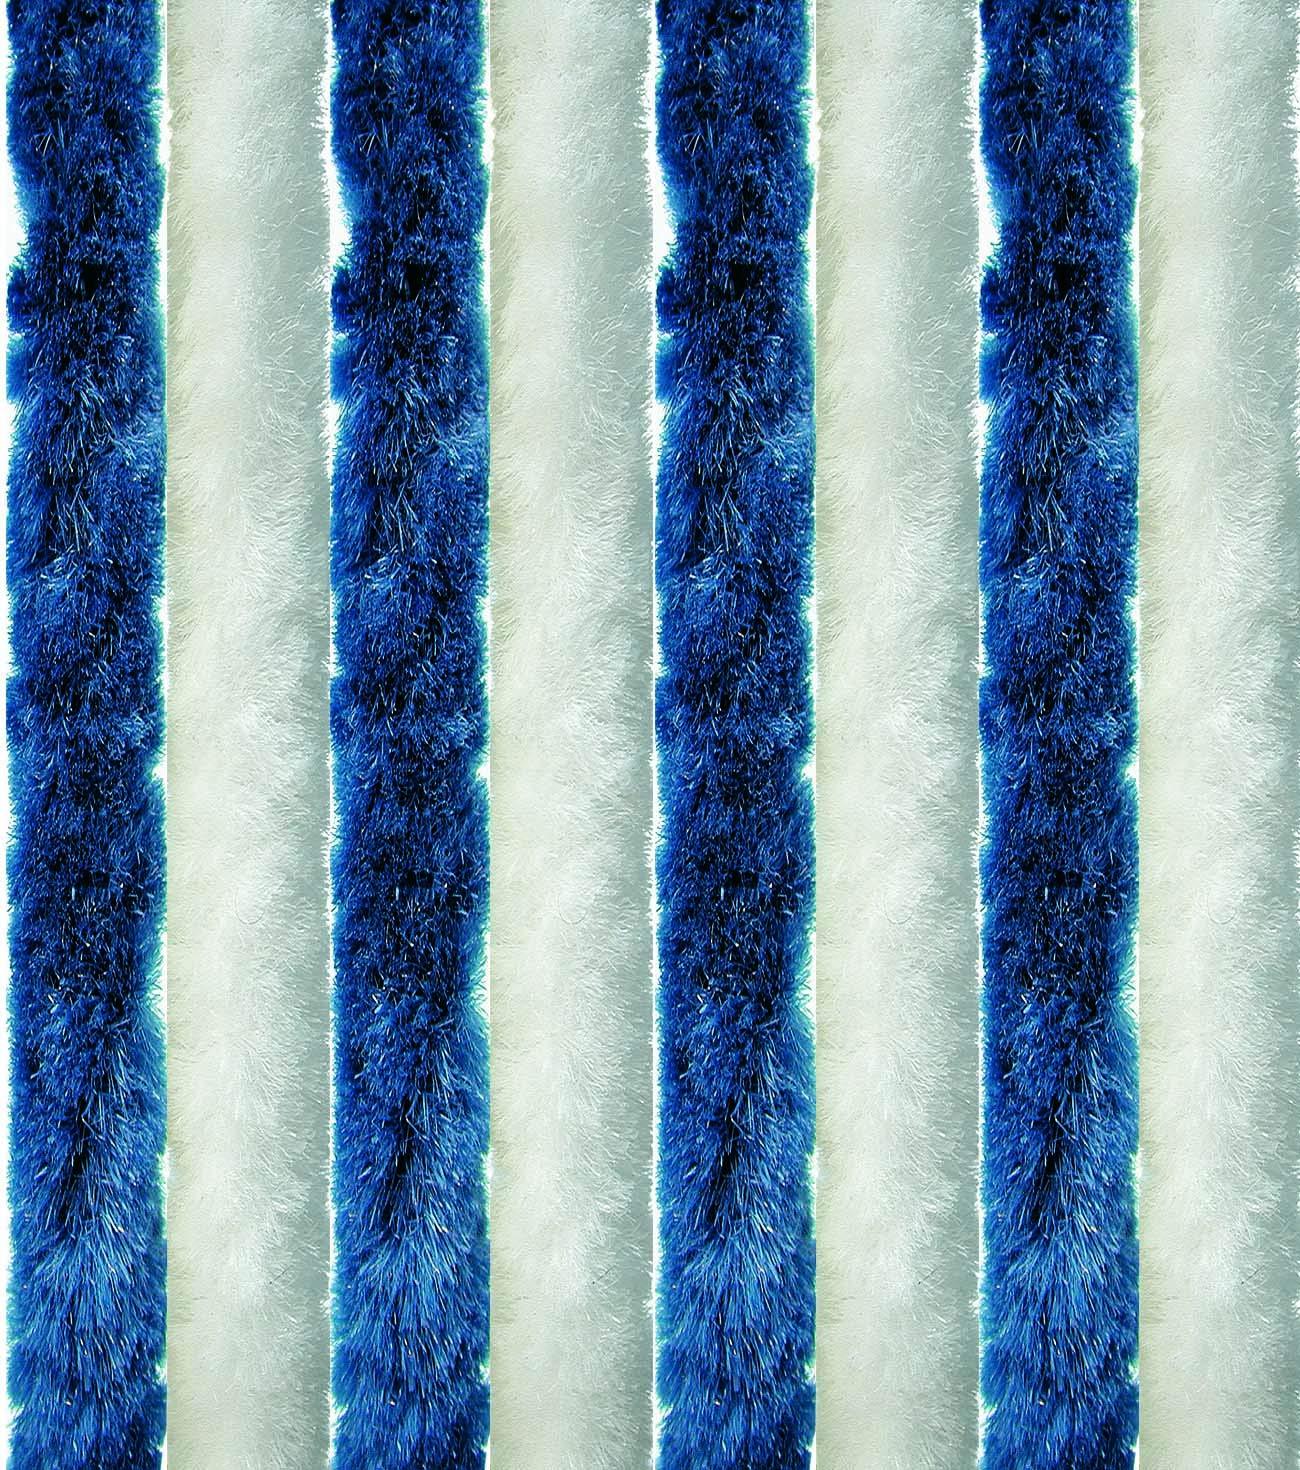 Arsvita Flausch-Vorhang, viele Variationen, Variationen, Variationen, Größe  140x200 cm, Farbe  hellgrau-weiß B01AWBNKXK Vorhnge 66d25f